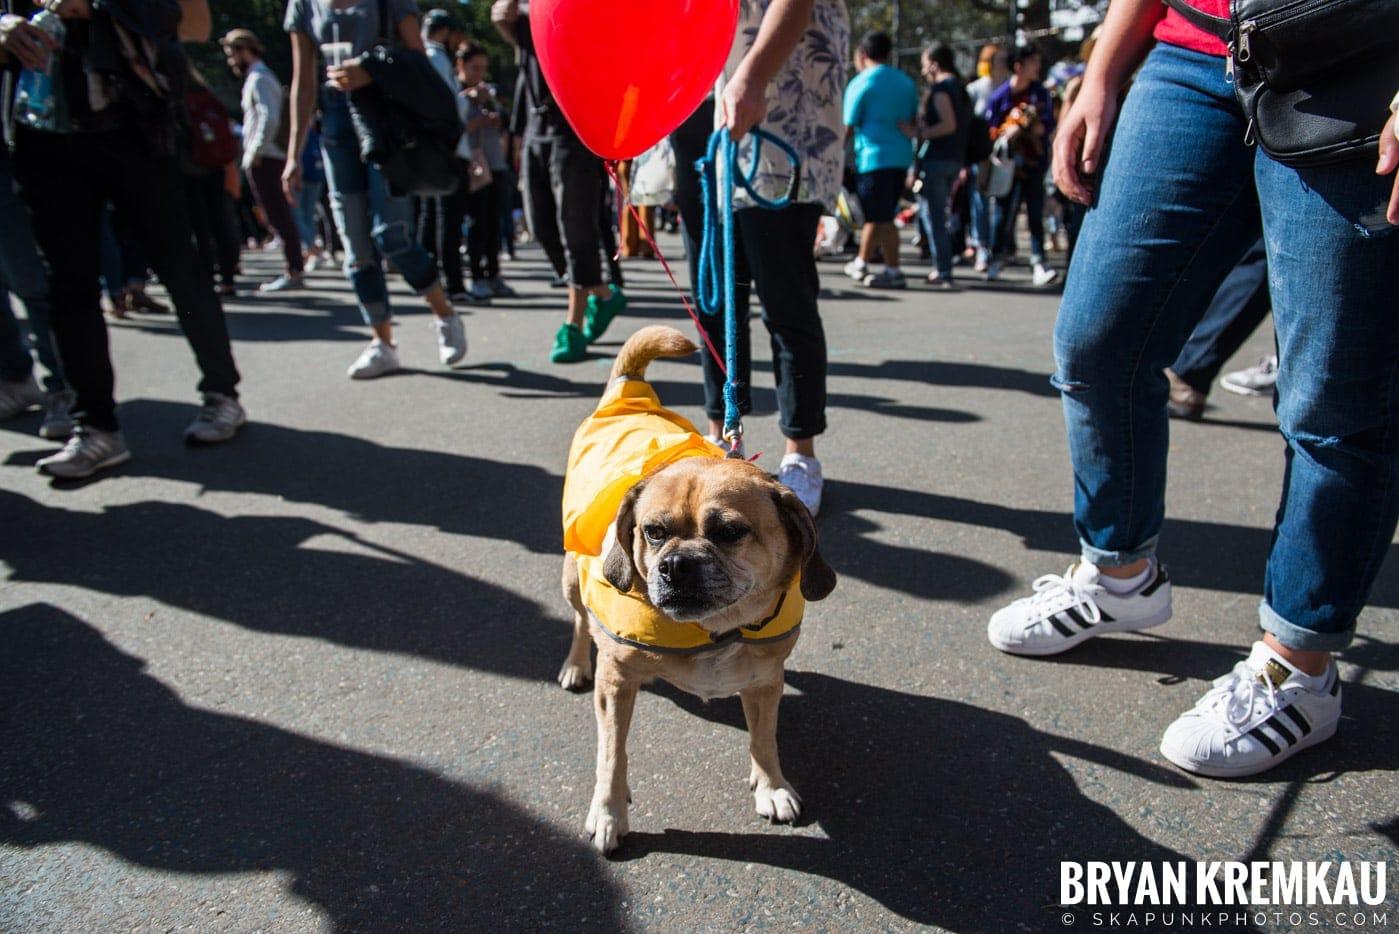 Tompkins Square Park Halloween Dog Parade 2017 @ Tompkins Square Park, NYC - 10.21.17 (2)